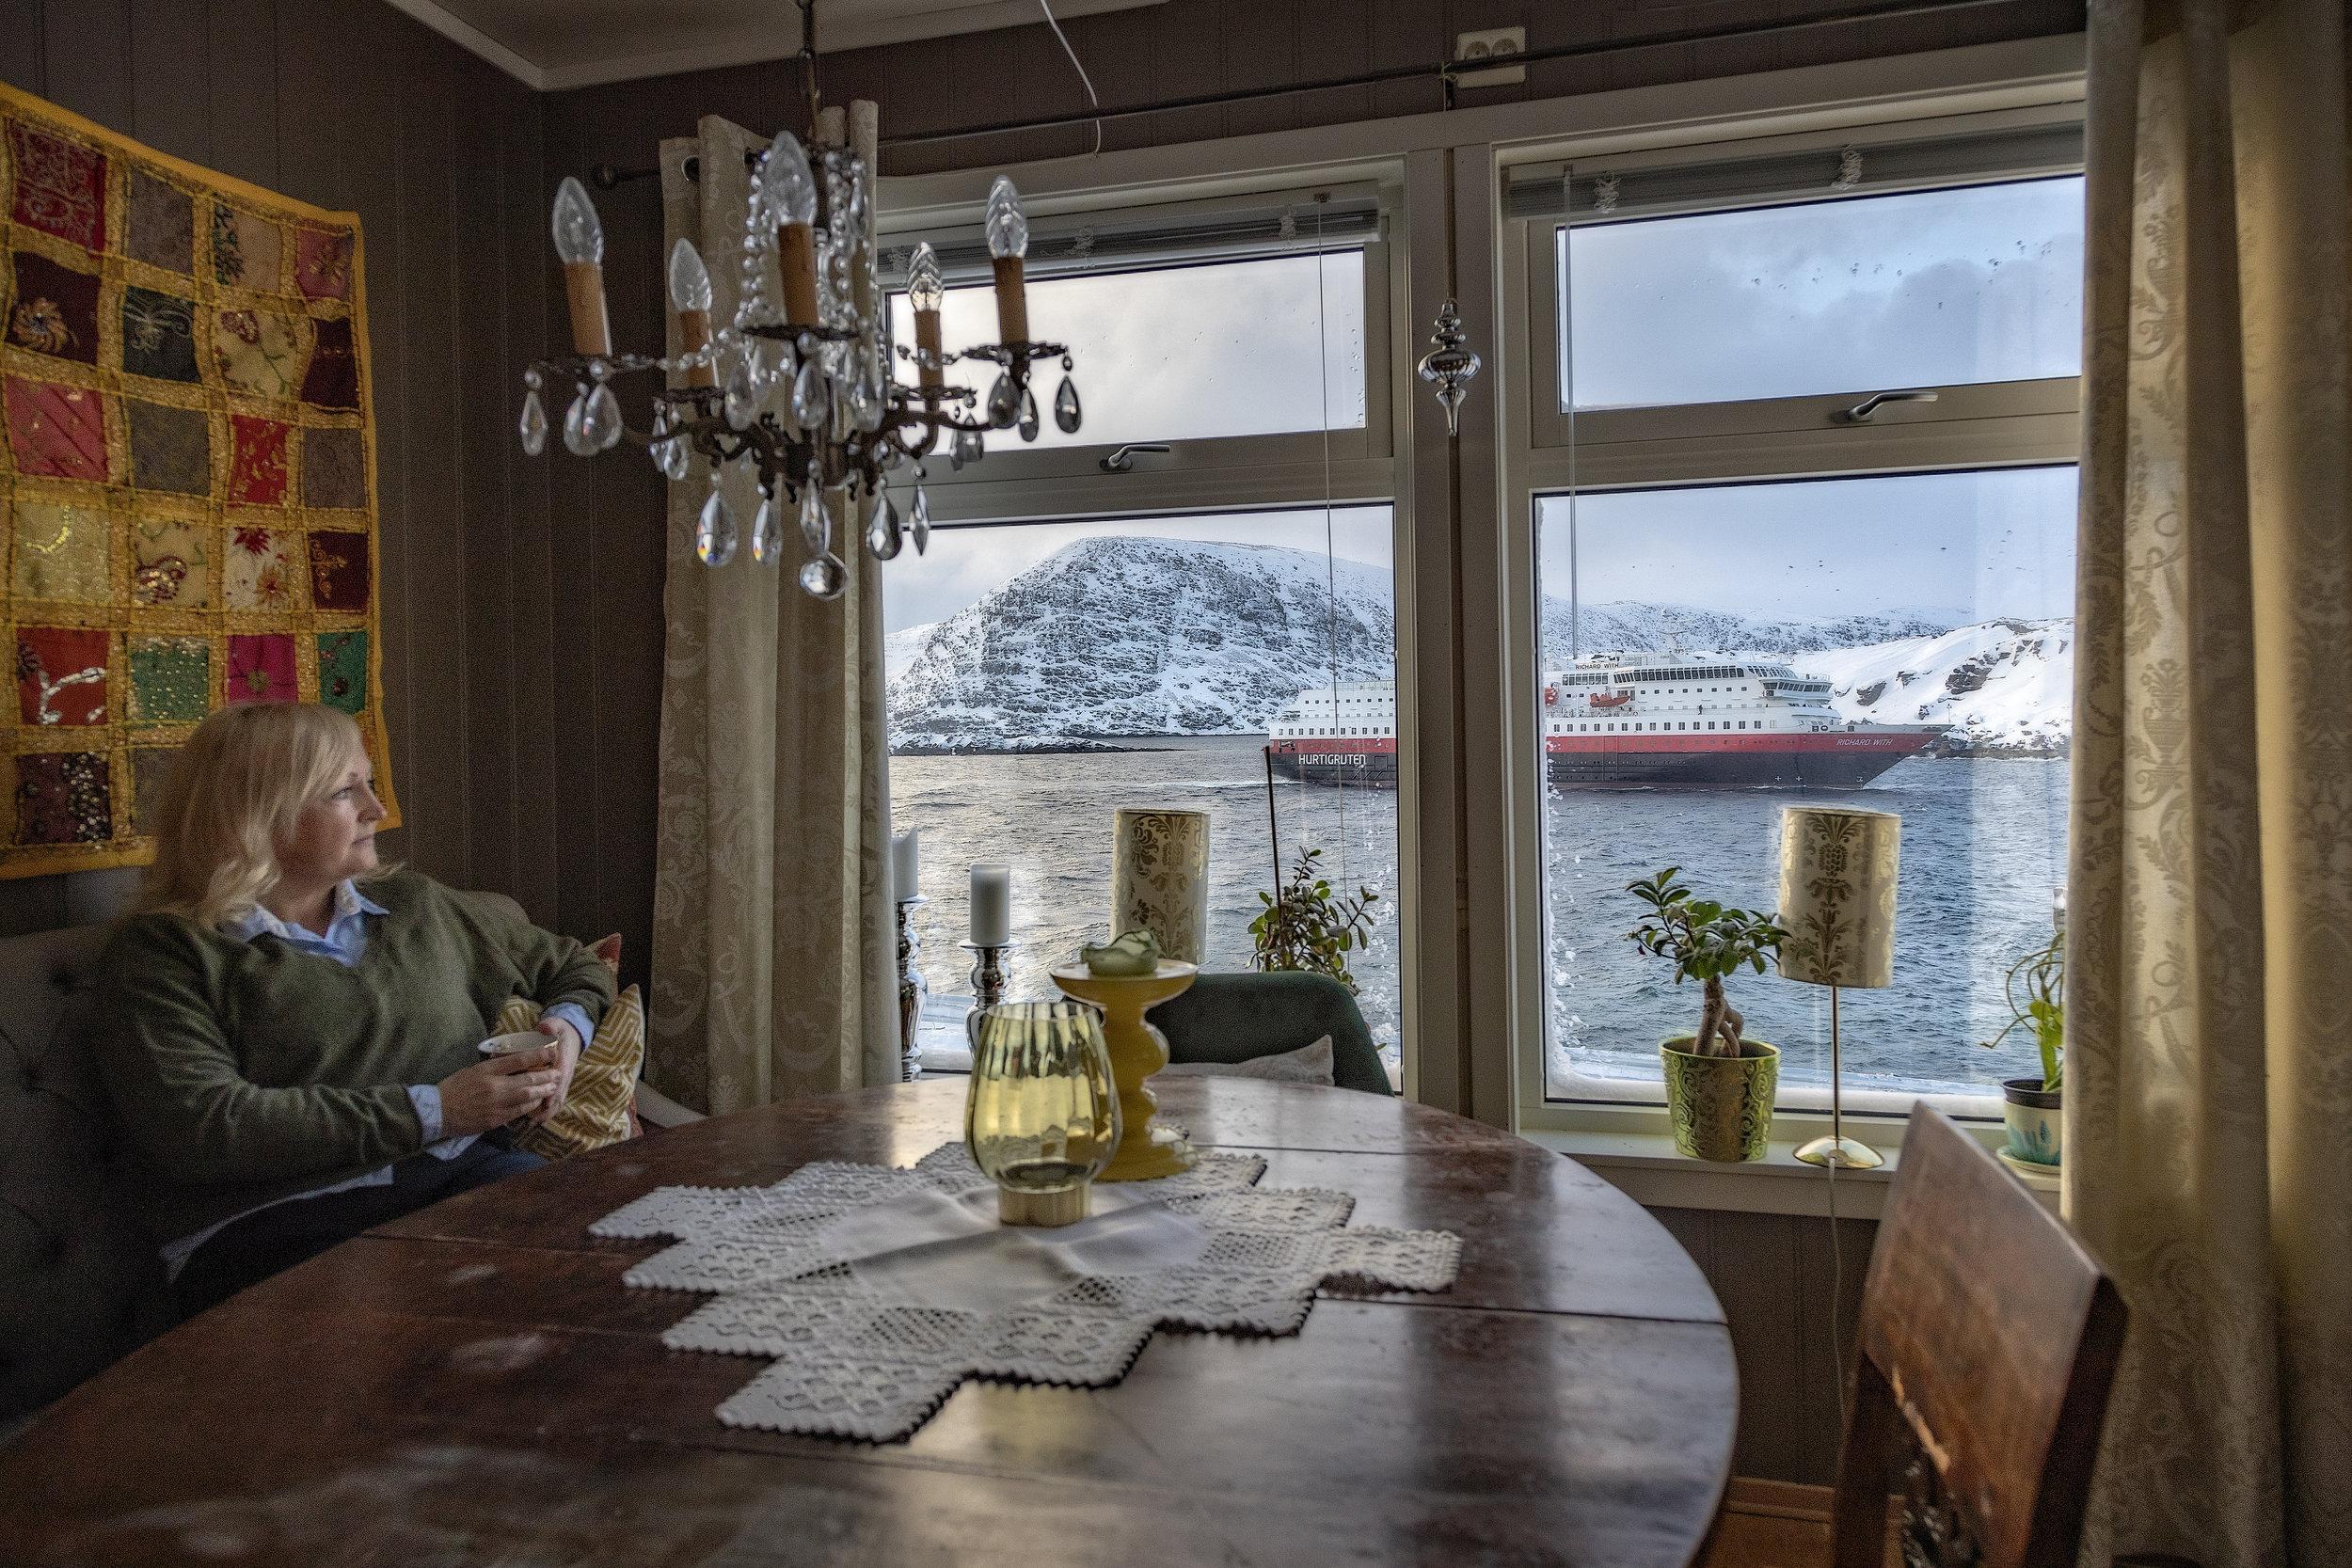 Rykende fersk morgenkaffe i koppen. Anne Giæver kikker bort på bommen. Er den nede, må hjemmebesøk avlyses. Da er også ambulansetransport til Hammerfest uaktuelt. For her er det improvisering som gjelder, ikke innlærte sykepleie-prosedyrer.